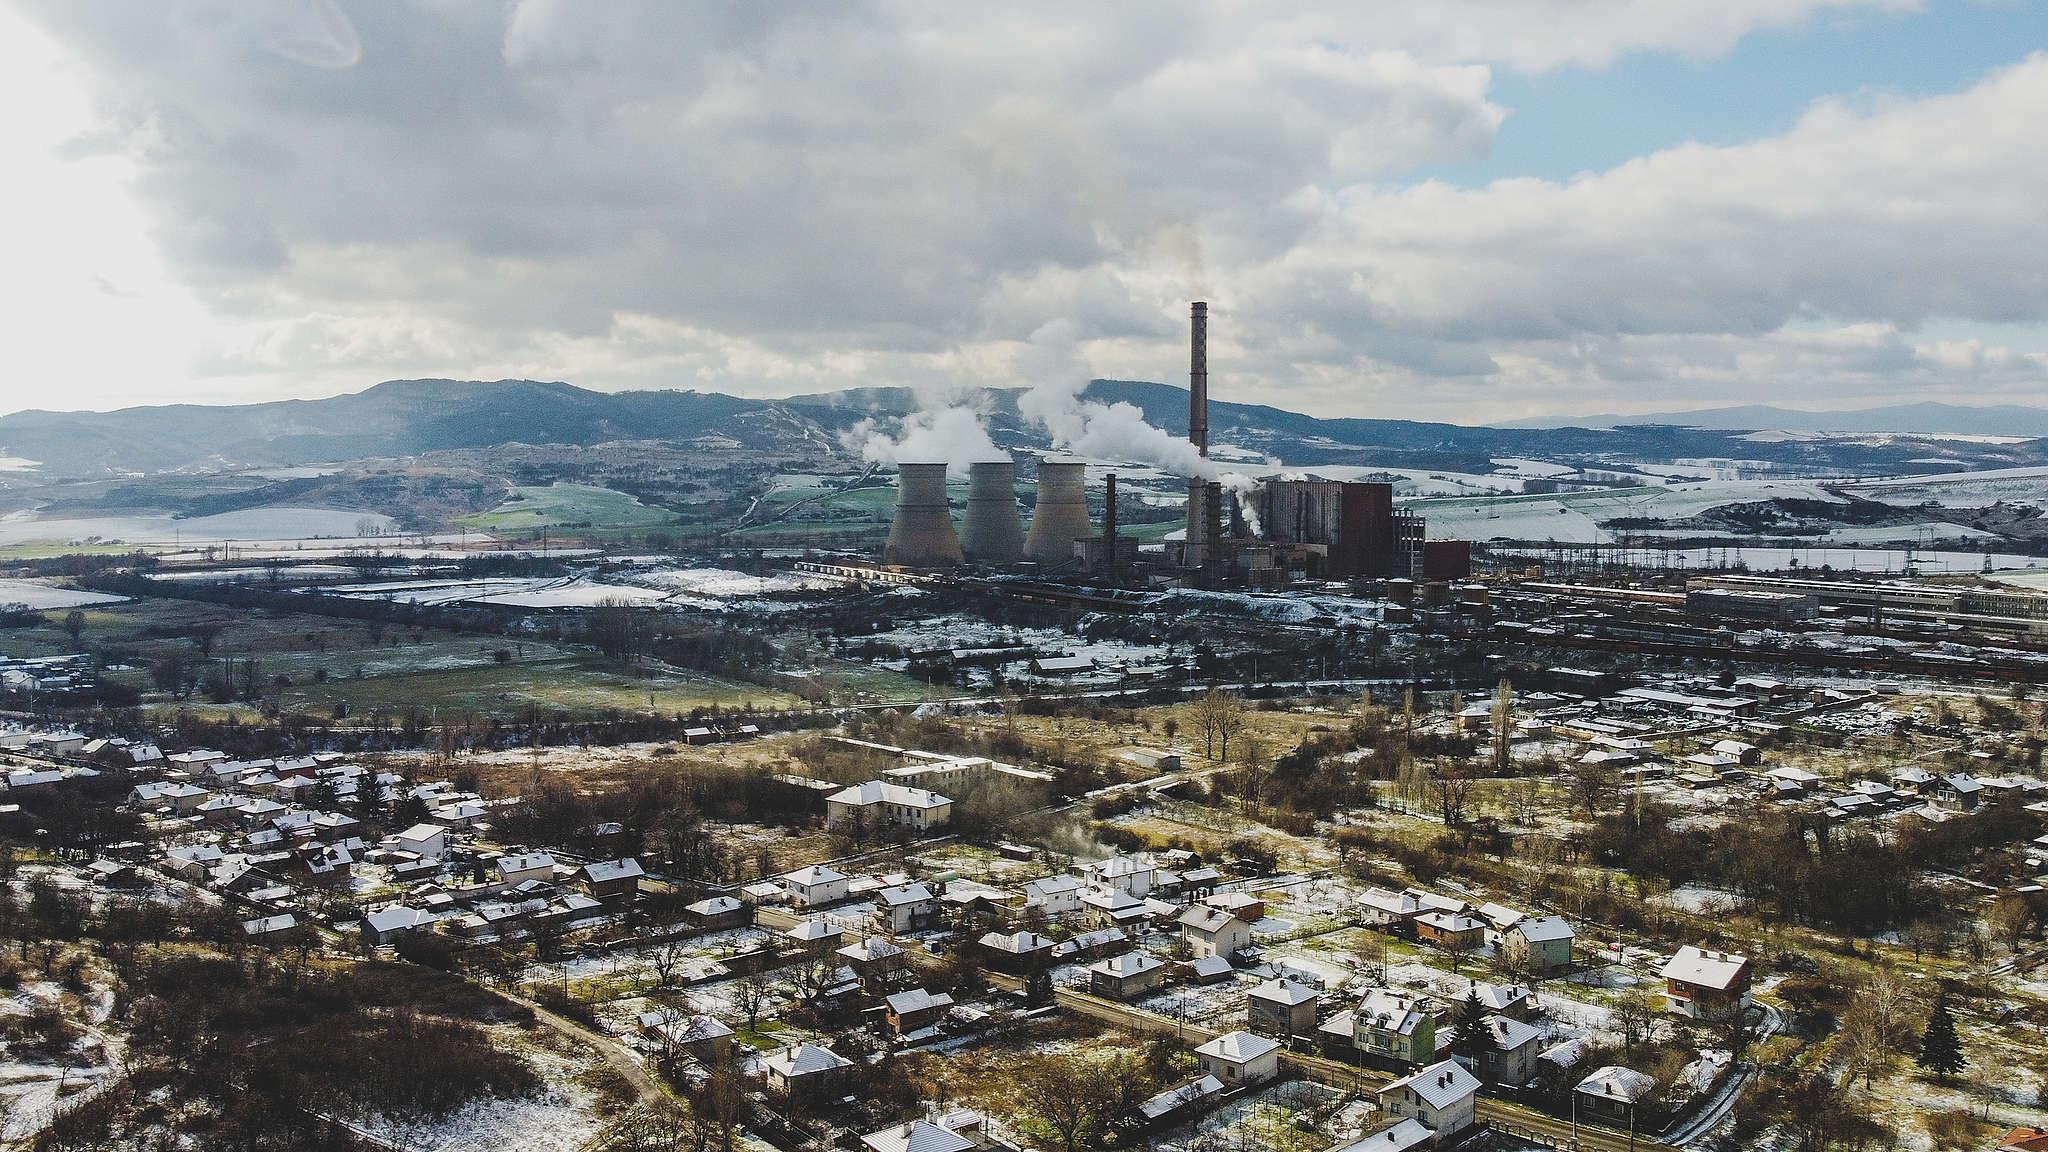 """ТЕЦ """"Бобов дол"""" изпуска непречистени емисии (от високия комин) по време на разпалване на инсталацията, въздушна снимка над Големо село, януари 2021 г."""